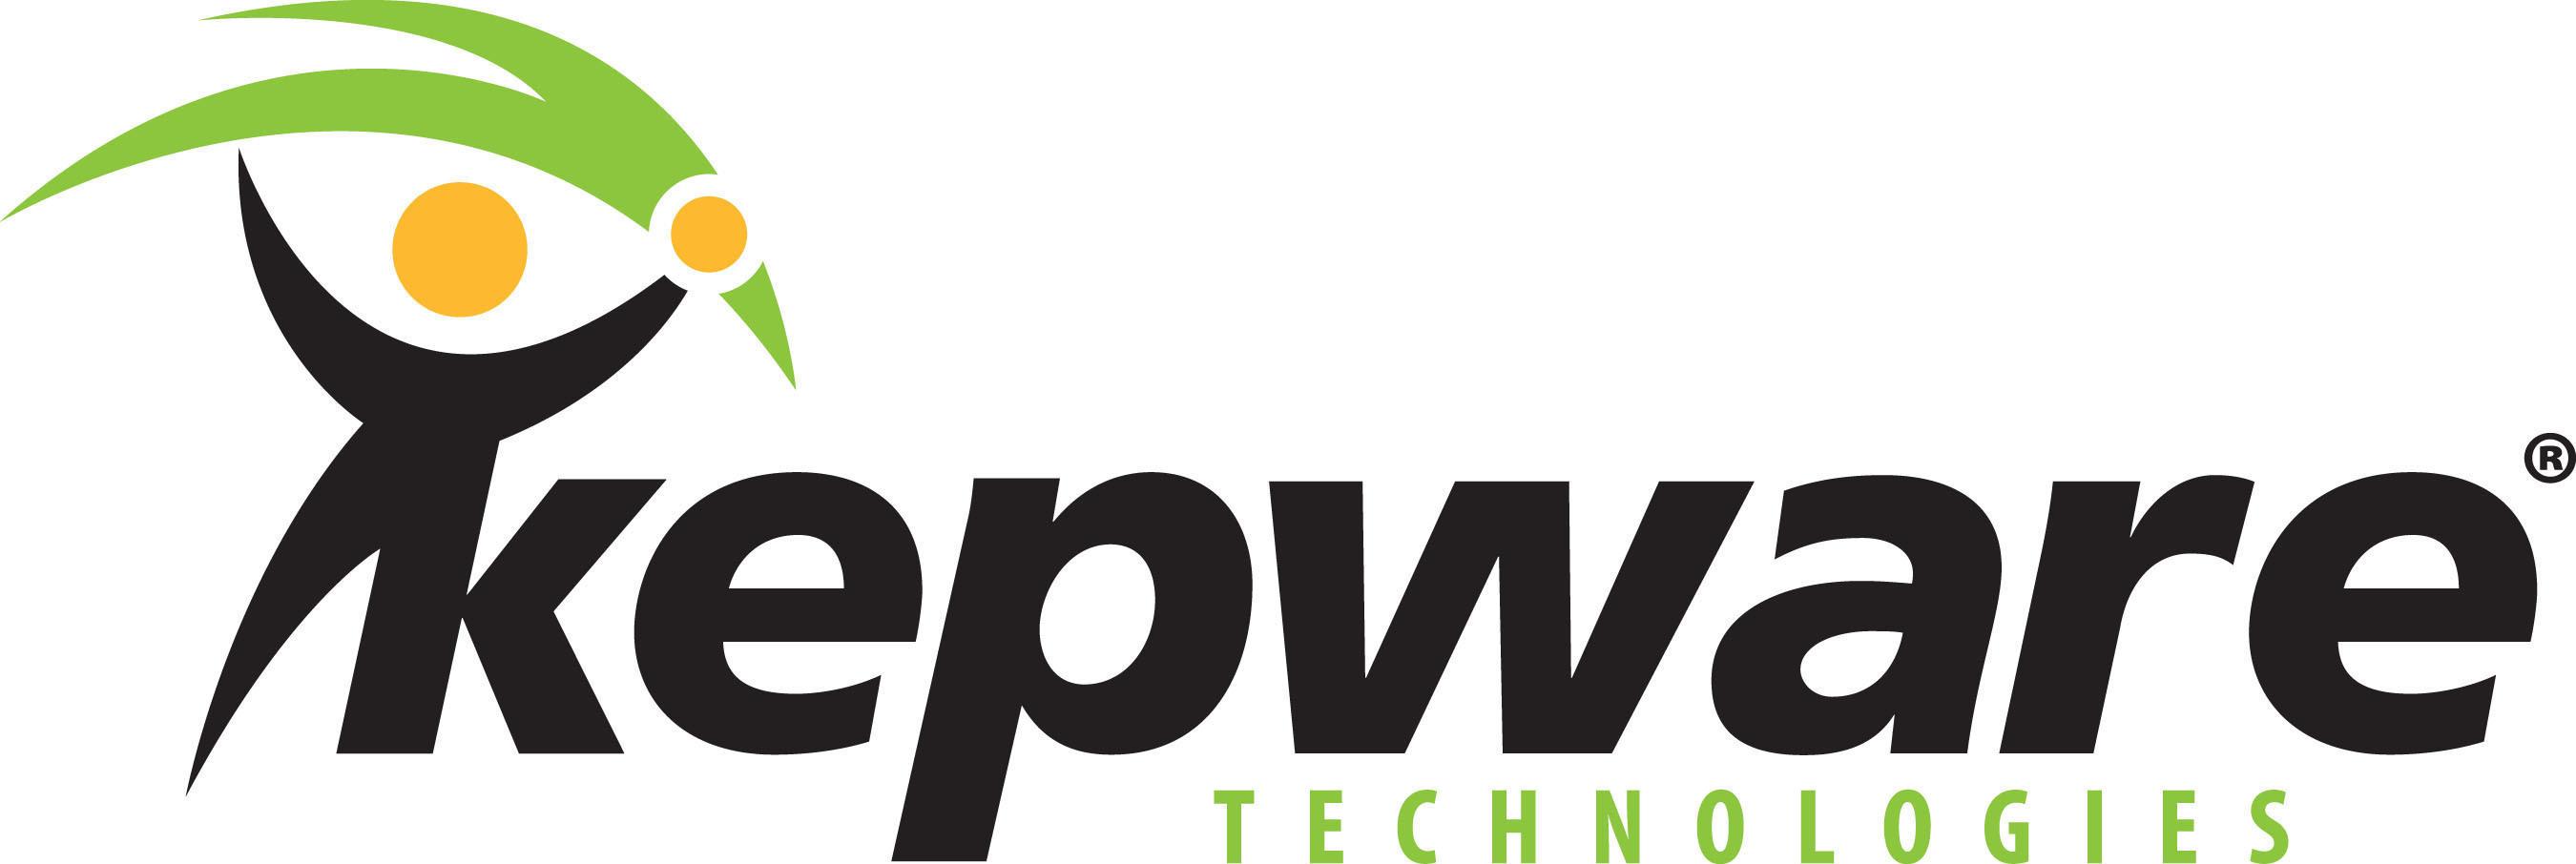 Firma Kepware wprowadza na rynek nowe rozwiązanie internetu rzeczy i przesyła strumieniowo dane